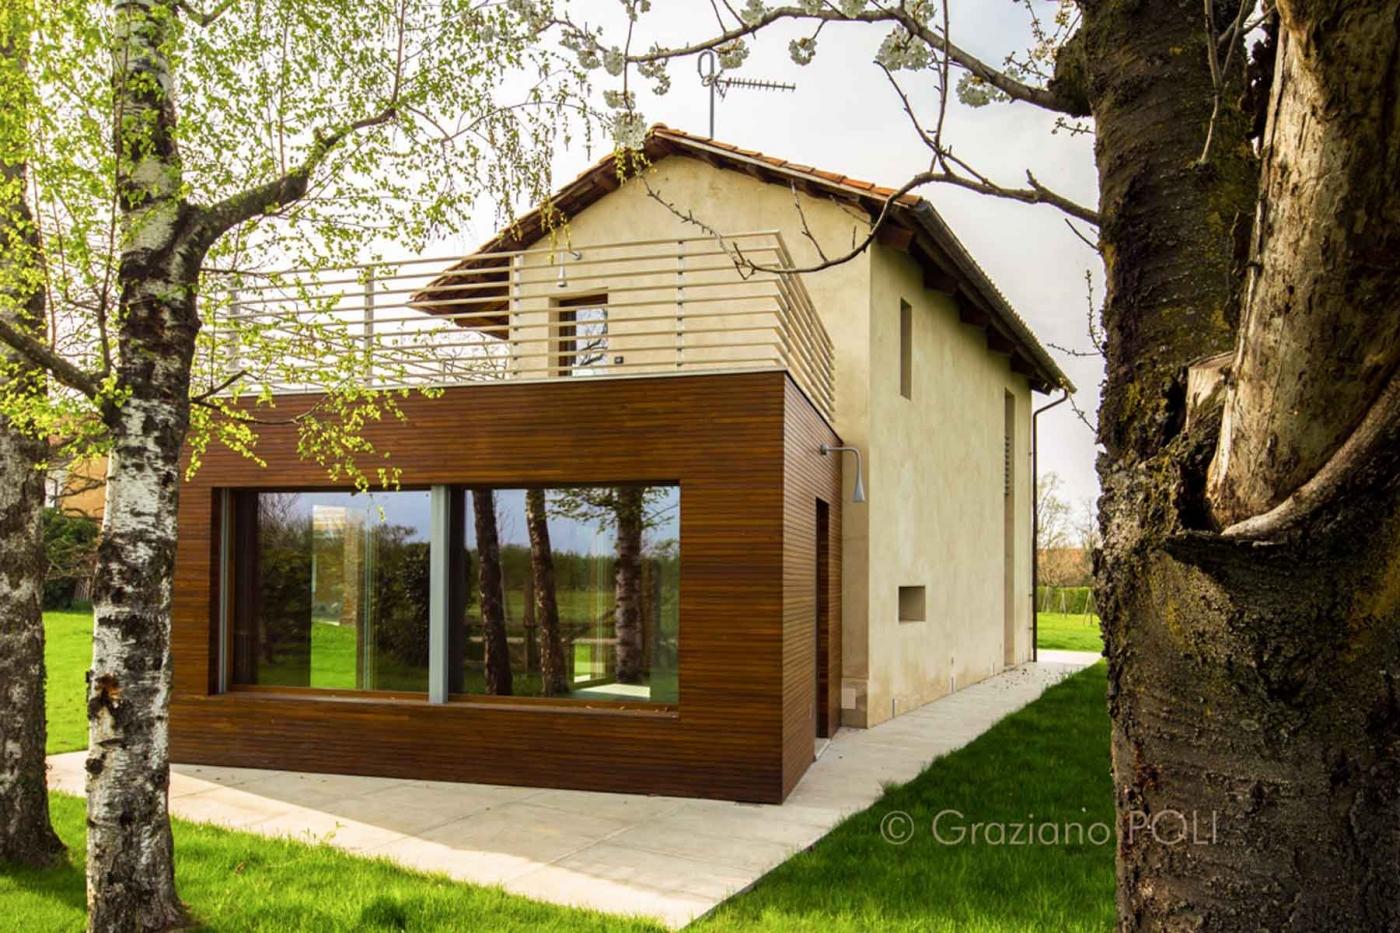 Formiche del legno risolvi il problema con eurogreen - Invasione formiche in casa ...